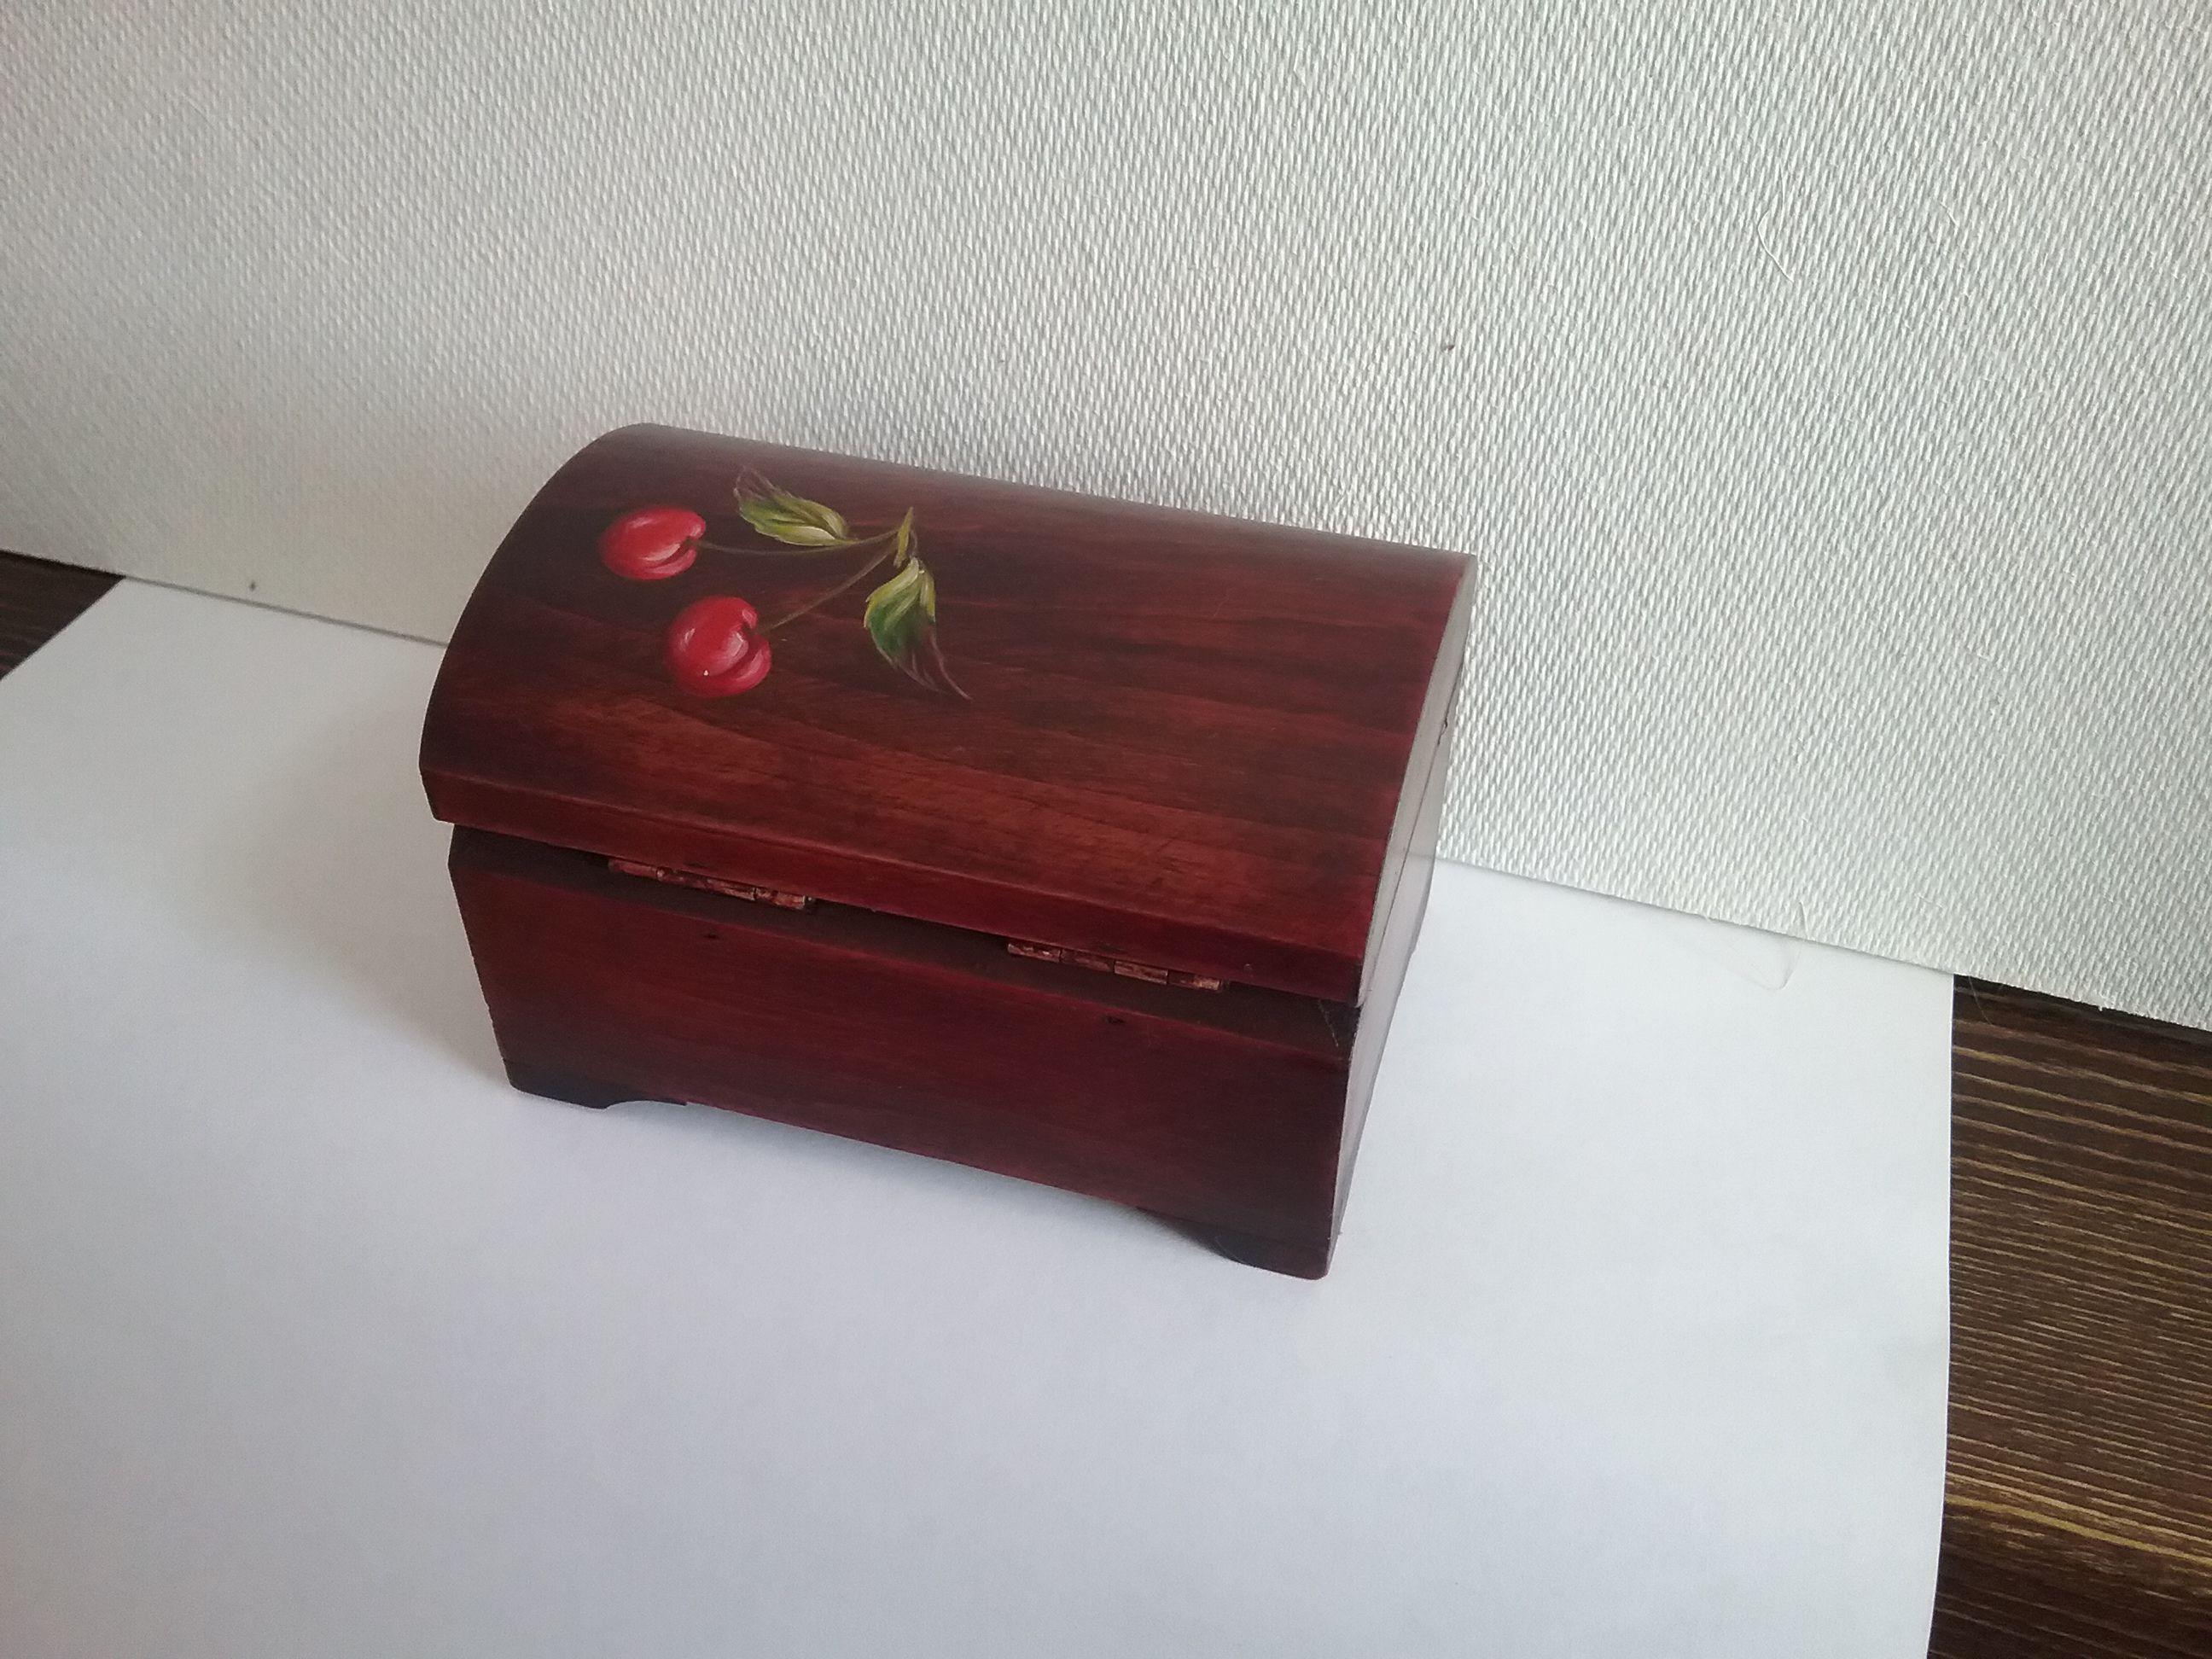 роспись деревянная флешки дерево шкатулка подарок